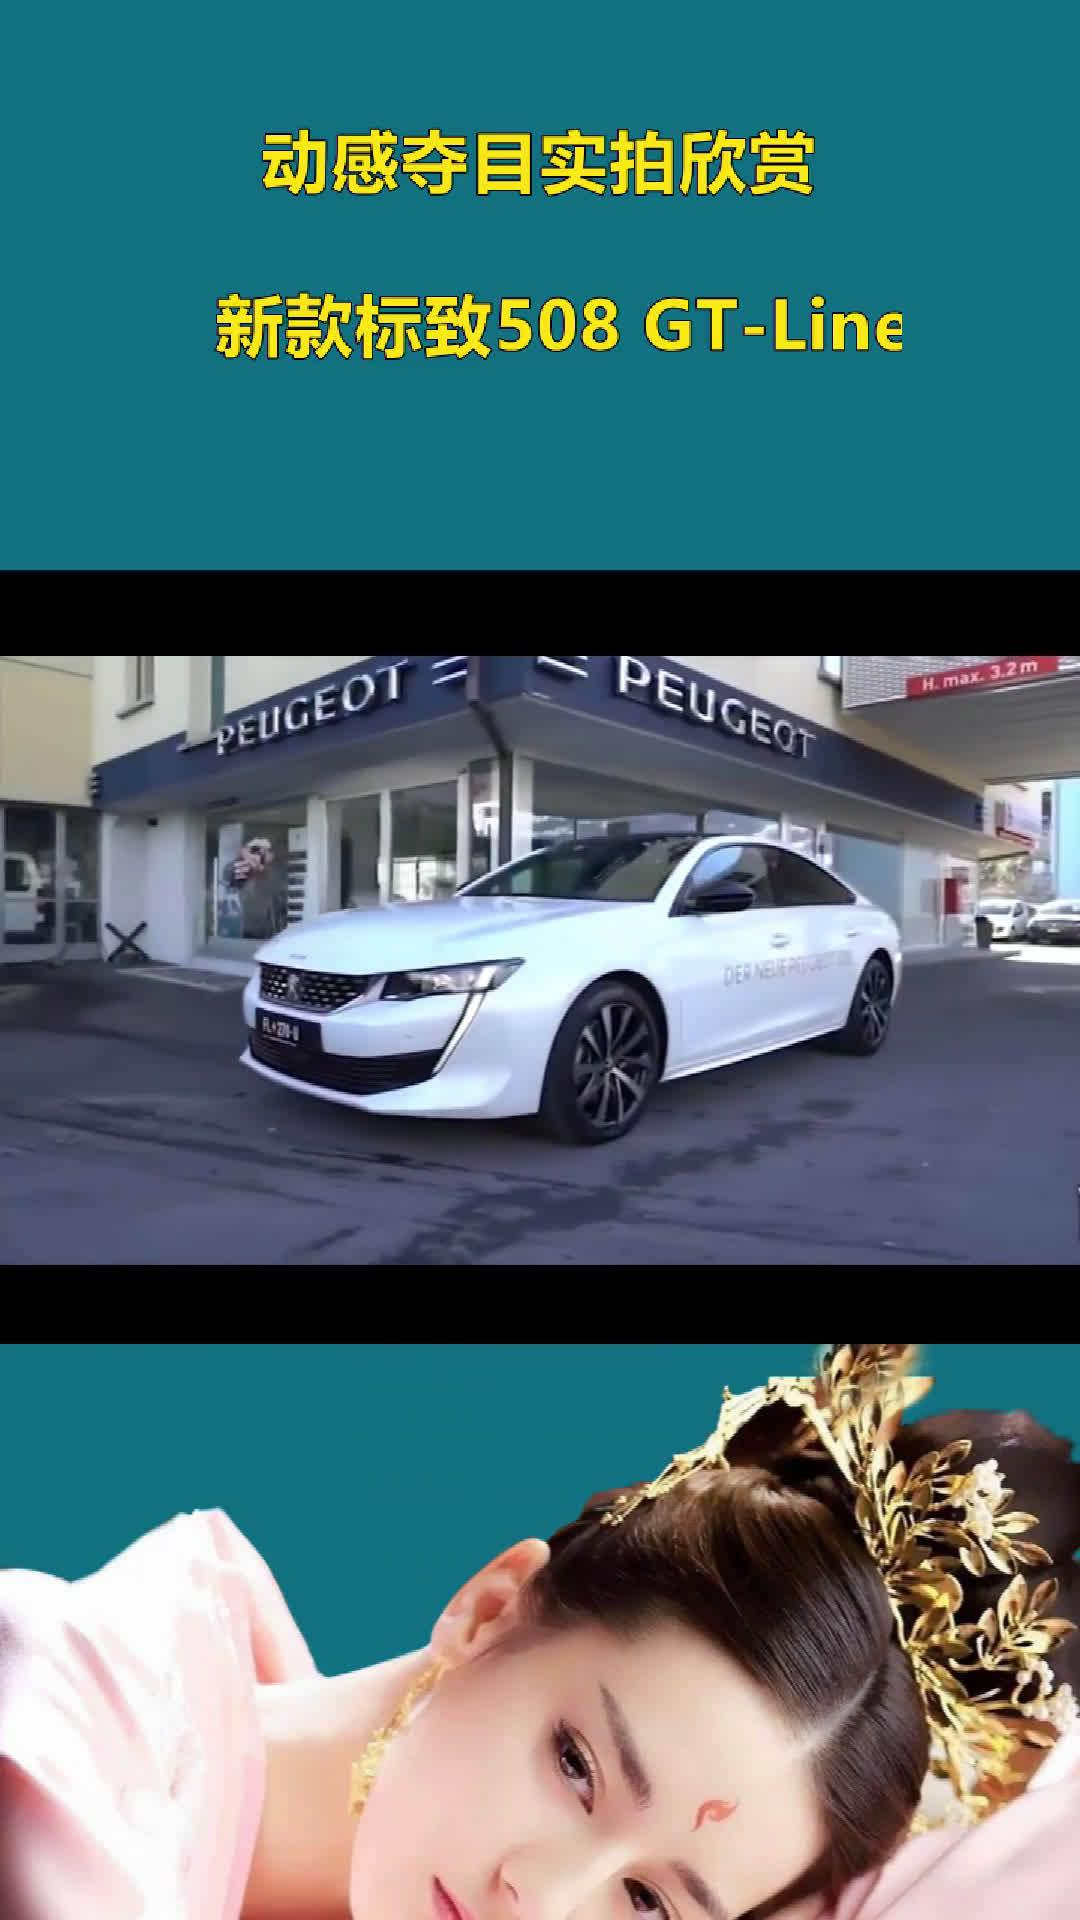 视频:动感夺目,实拍欣赏新款标致508 GT-Line